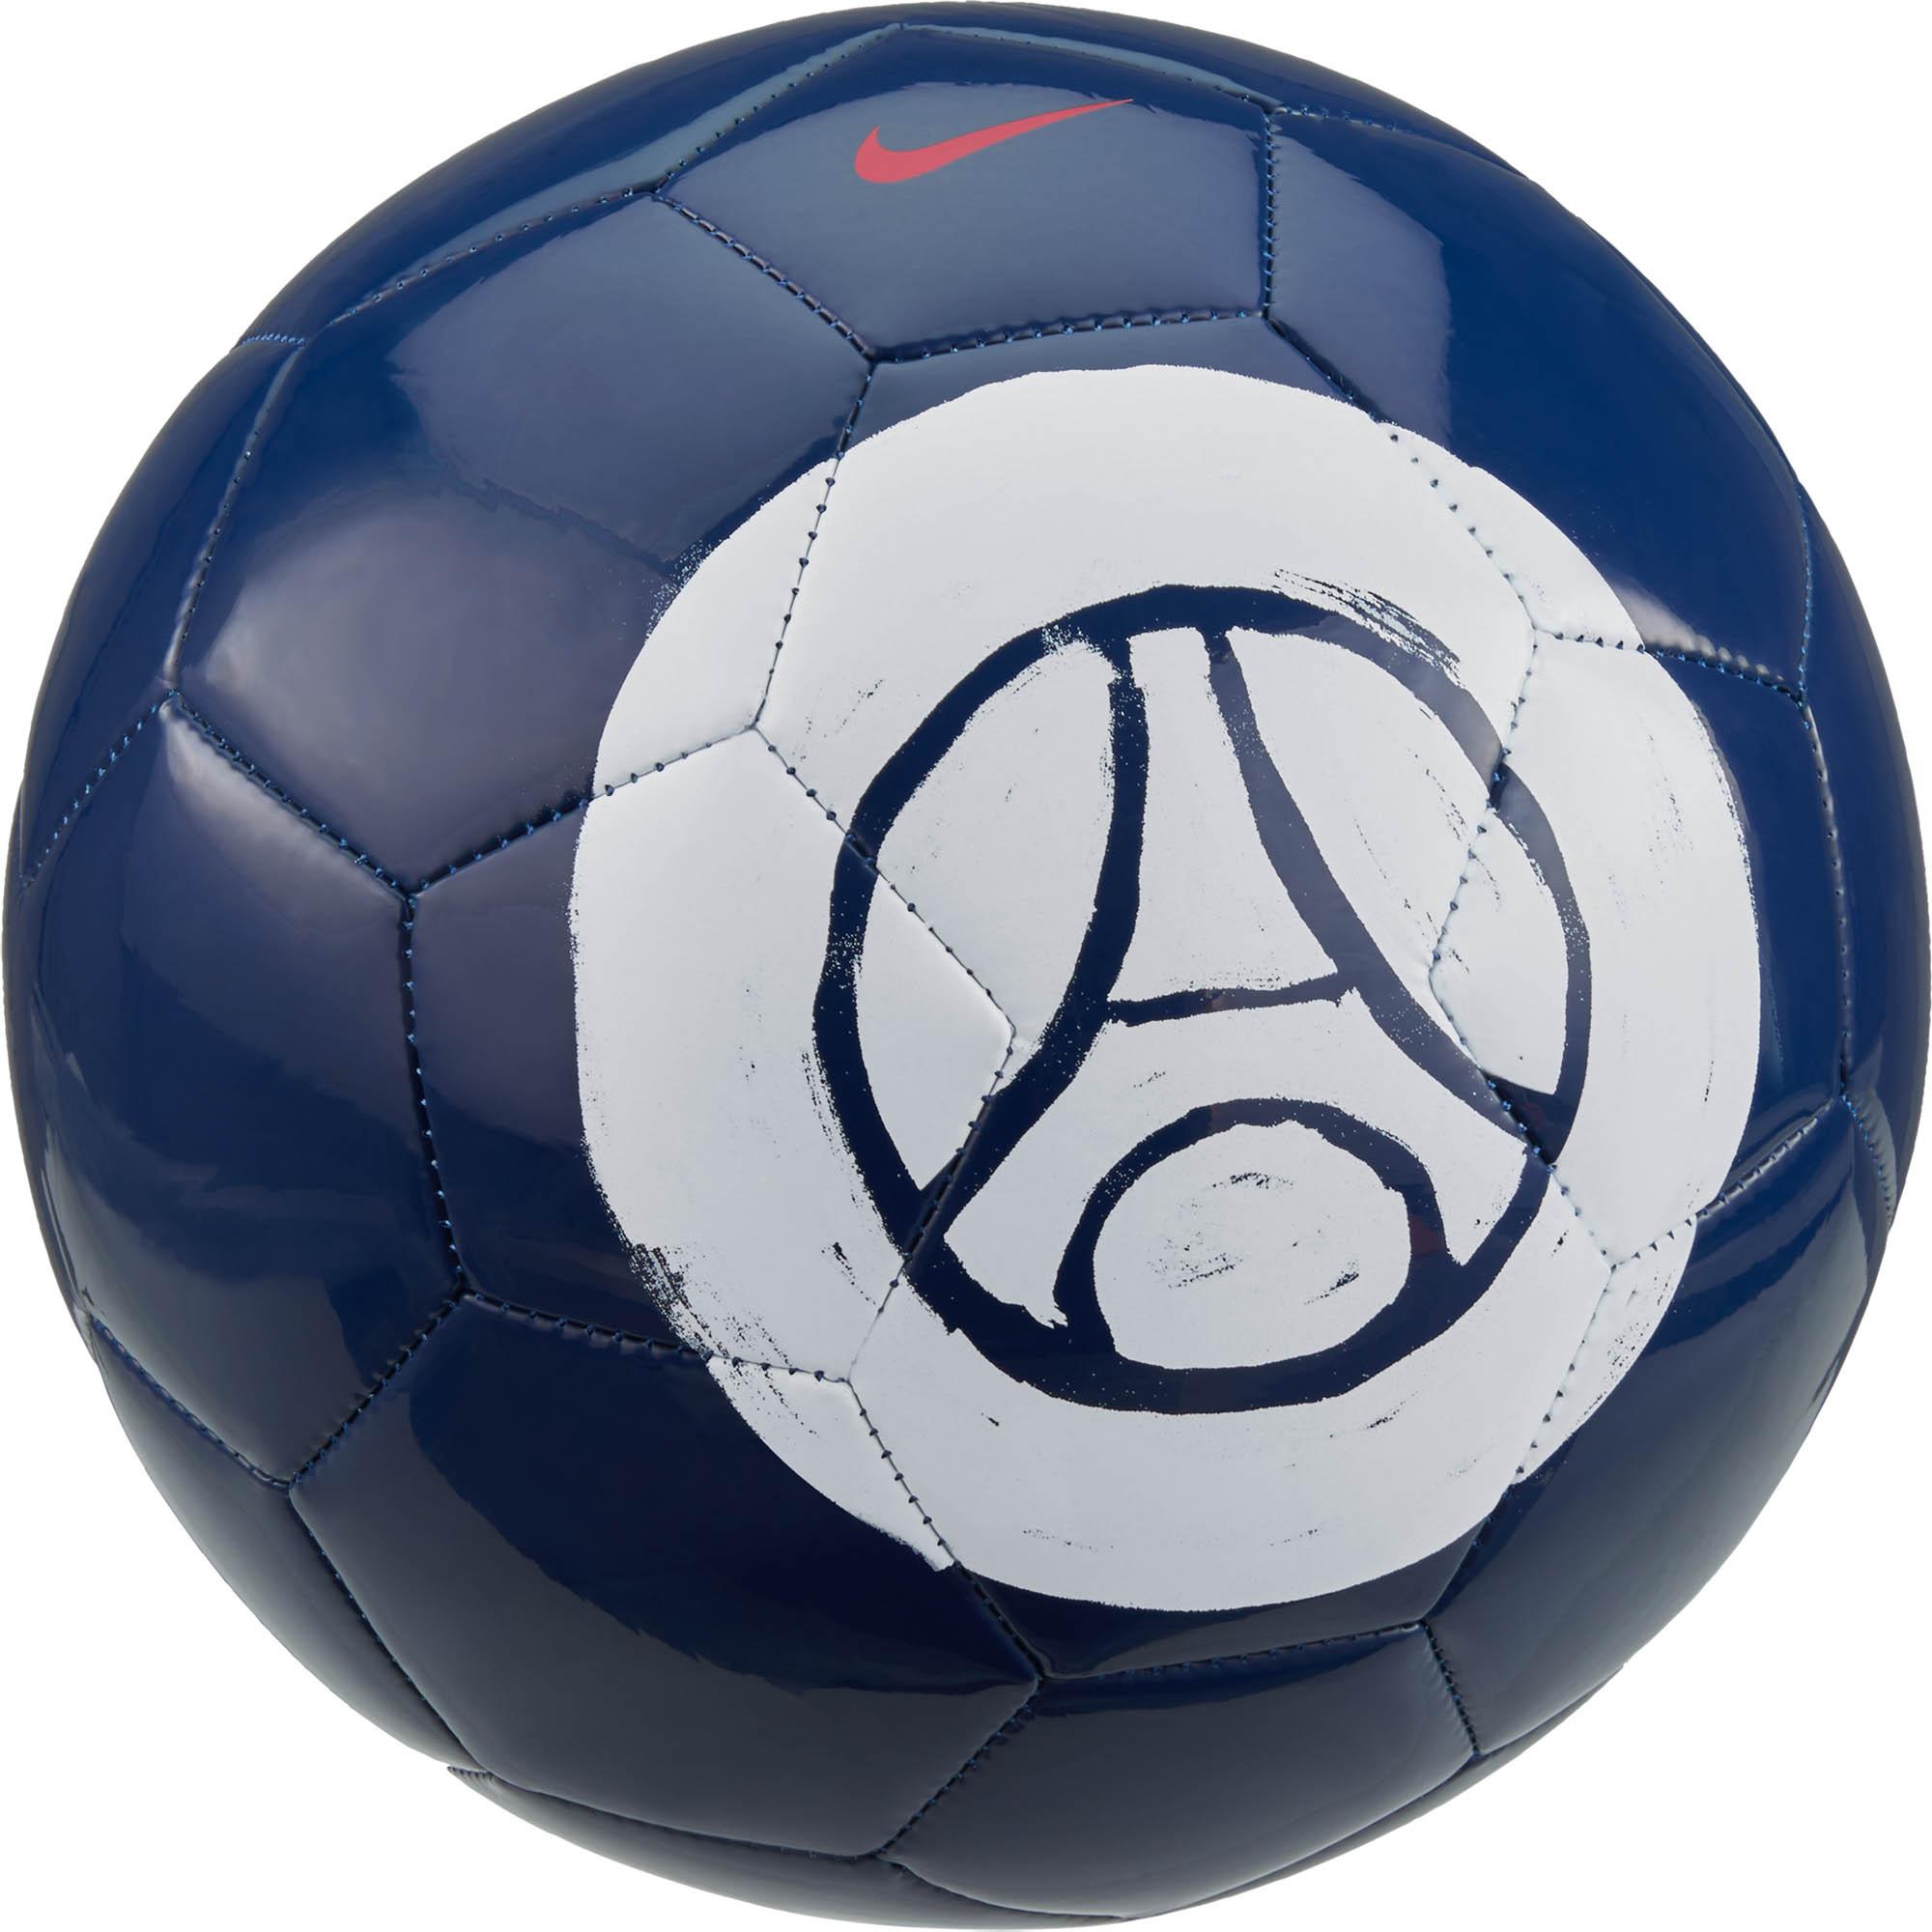 Nike PSG Supporters Soccer Ball - Nike Soccer Balls